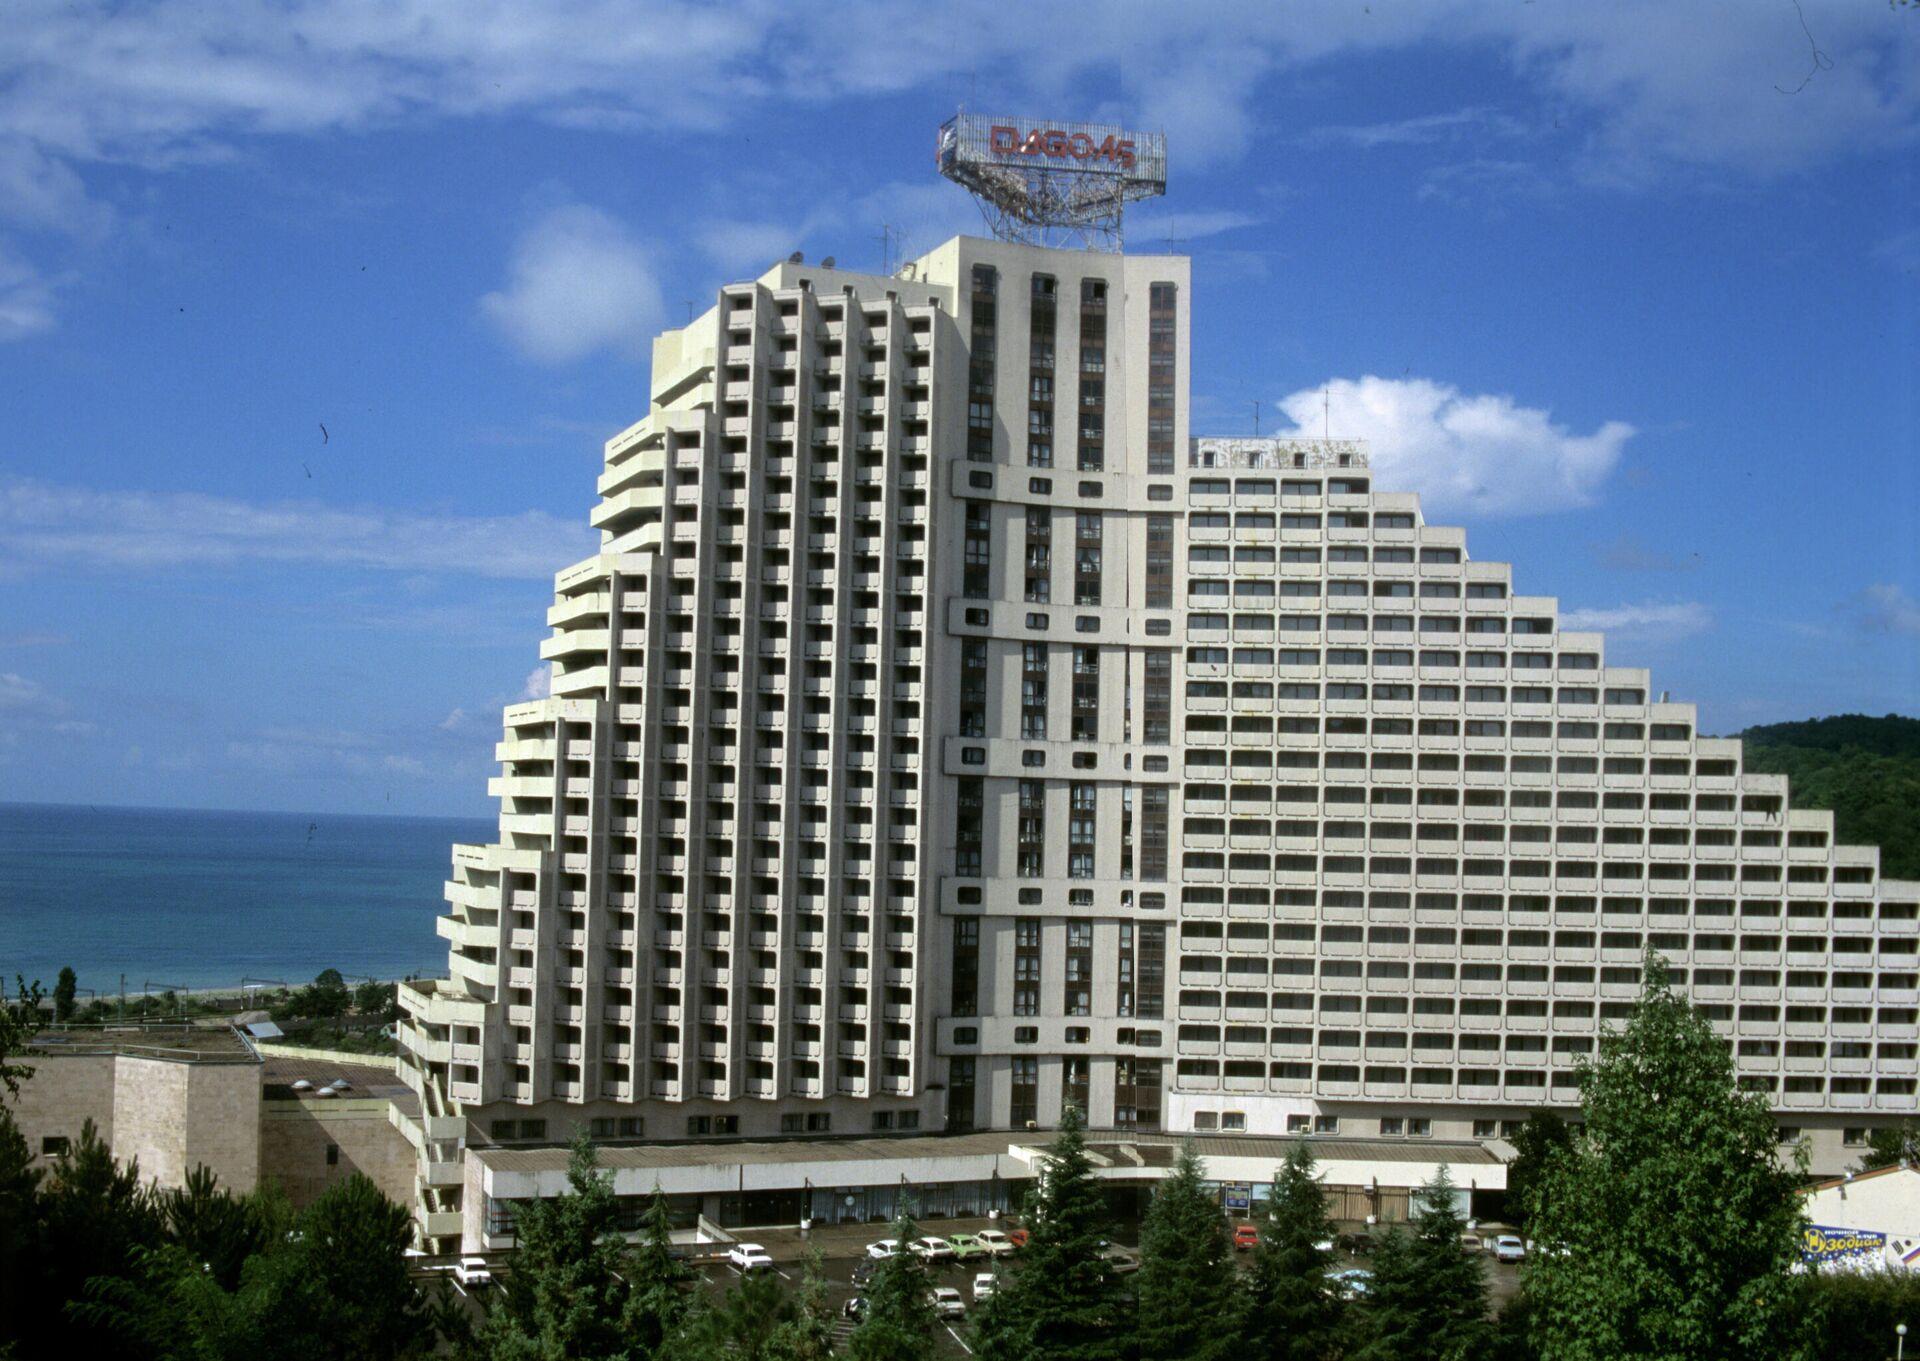 Здание гостиницы Дагомыс - РИА Новости, 1920, 26.05.2021